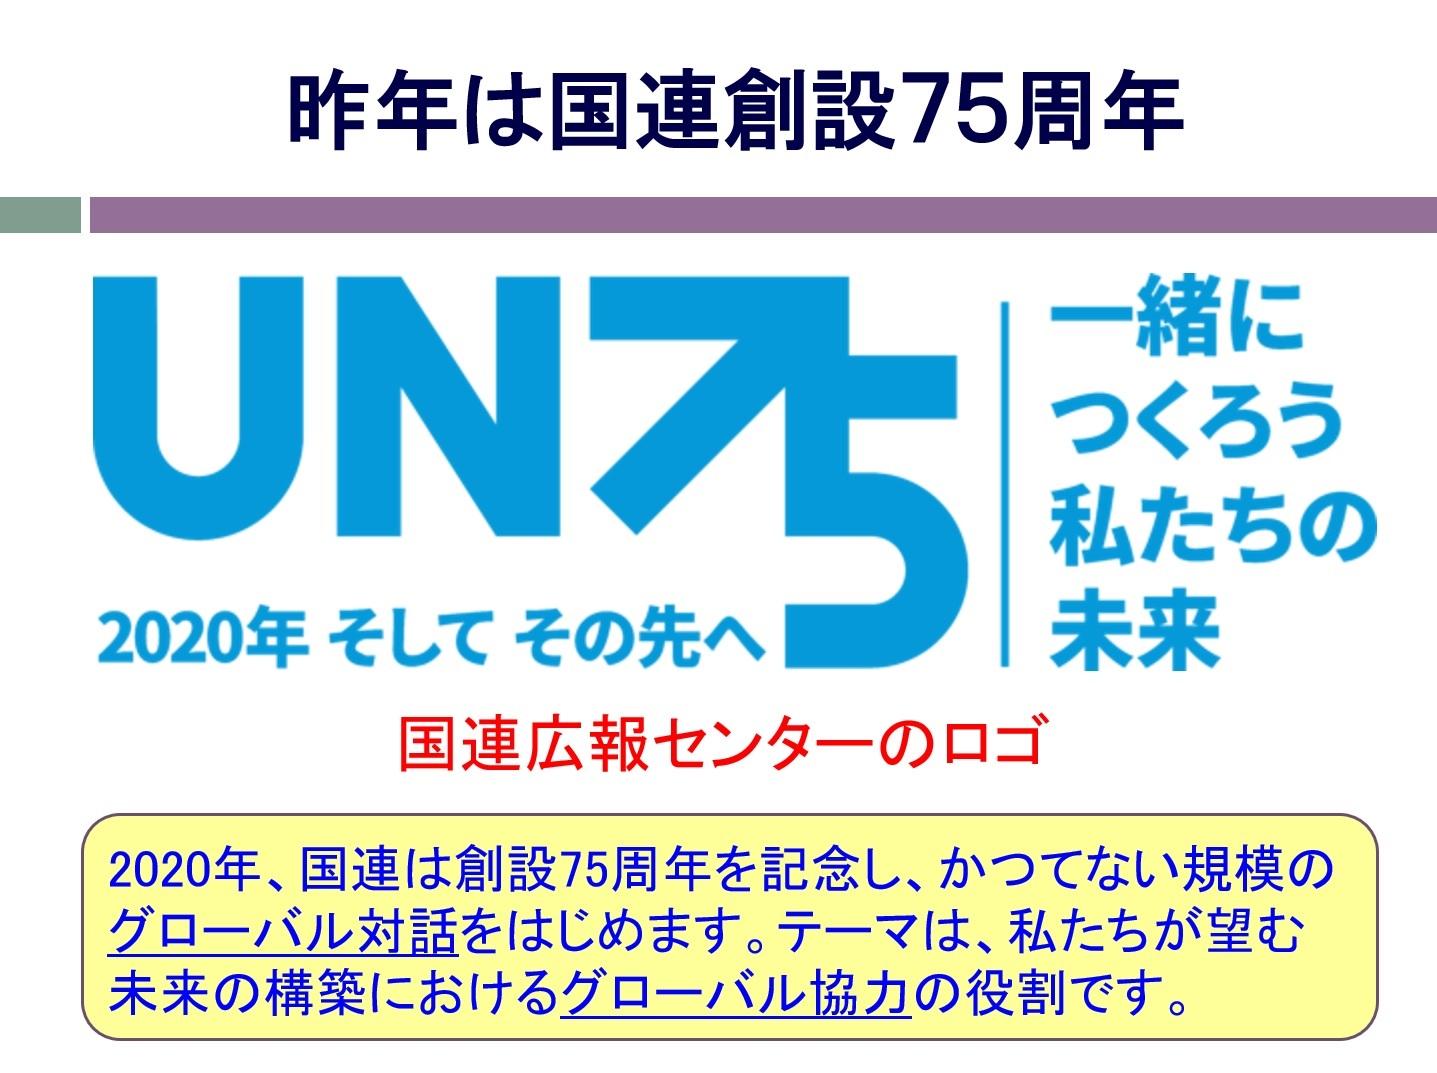 挿入画像01=国連を舞台とする米中の動向と日本